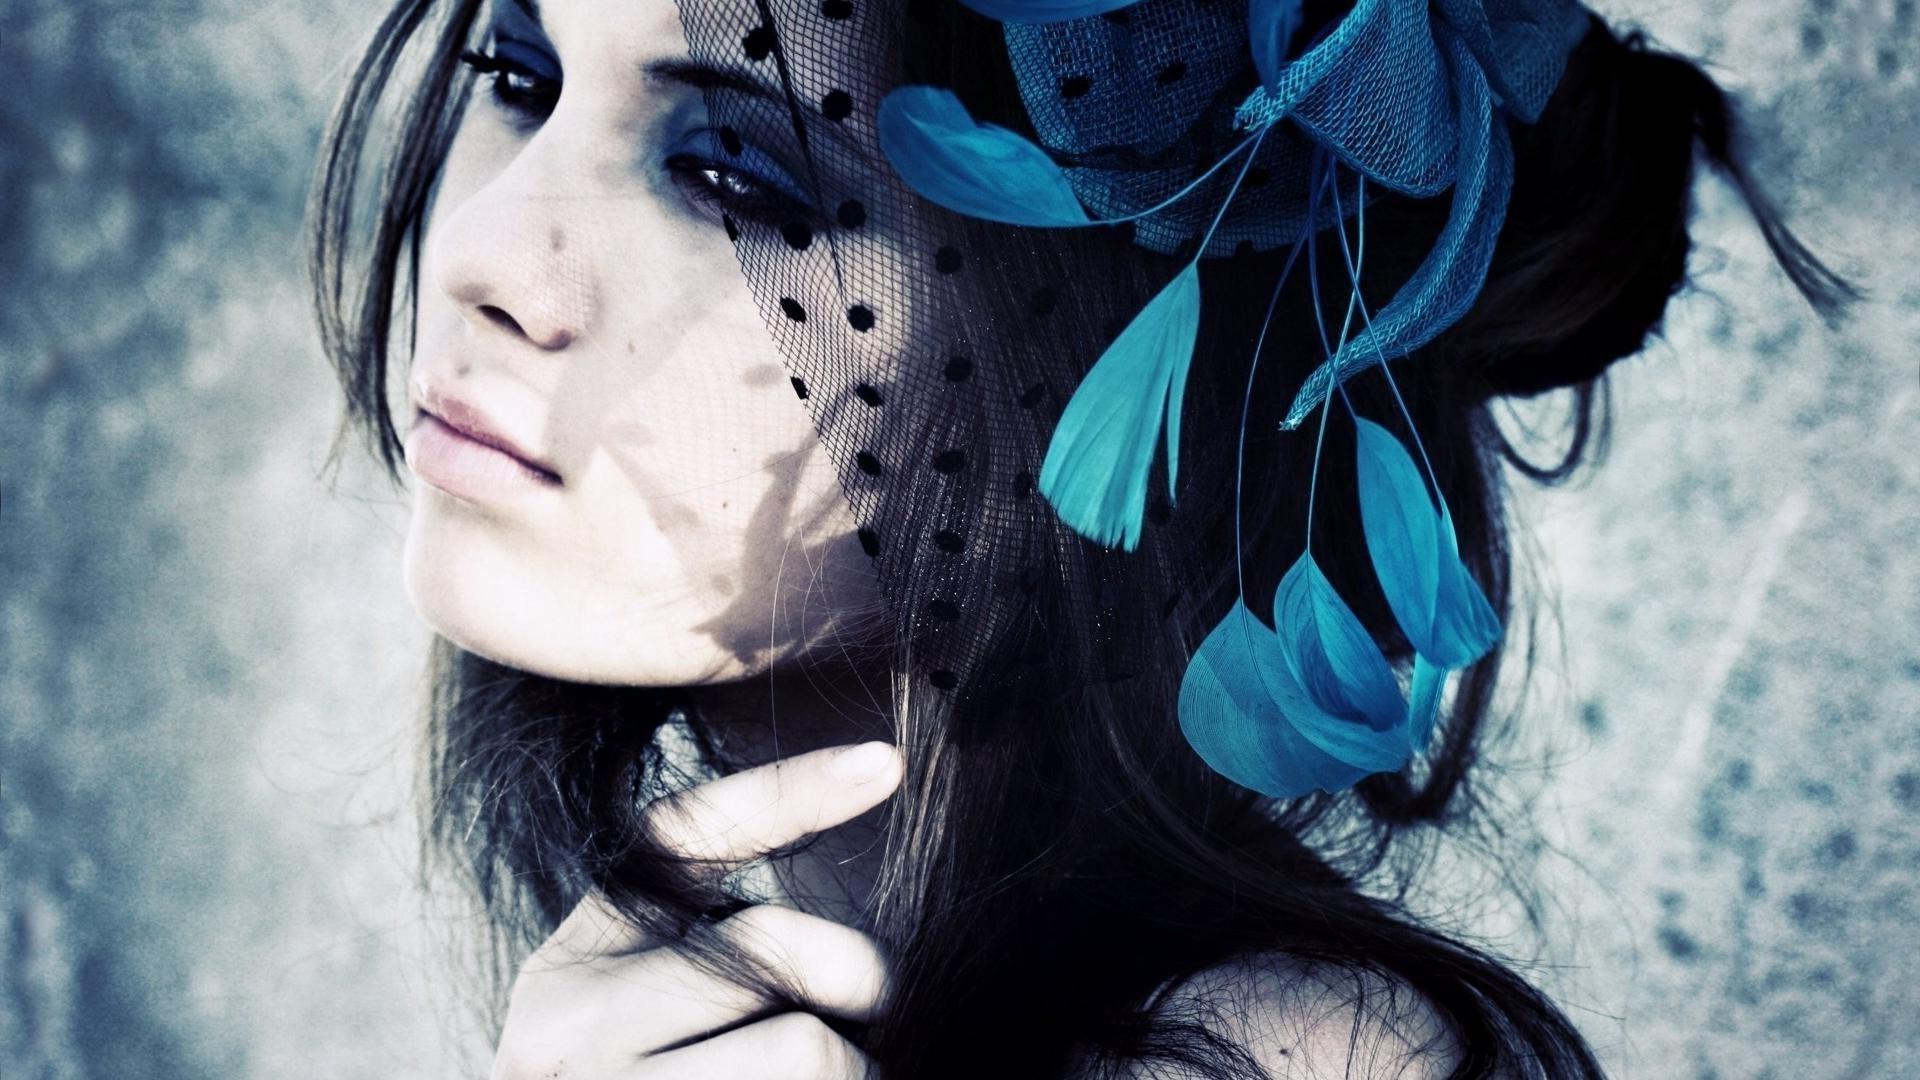 Красивые аватары для девушек, картинки апреля